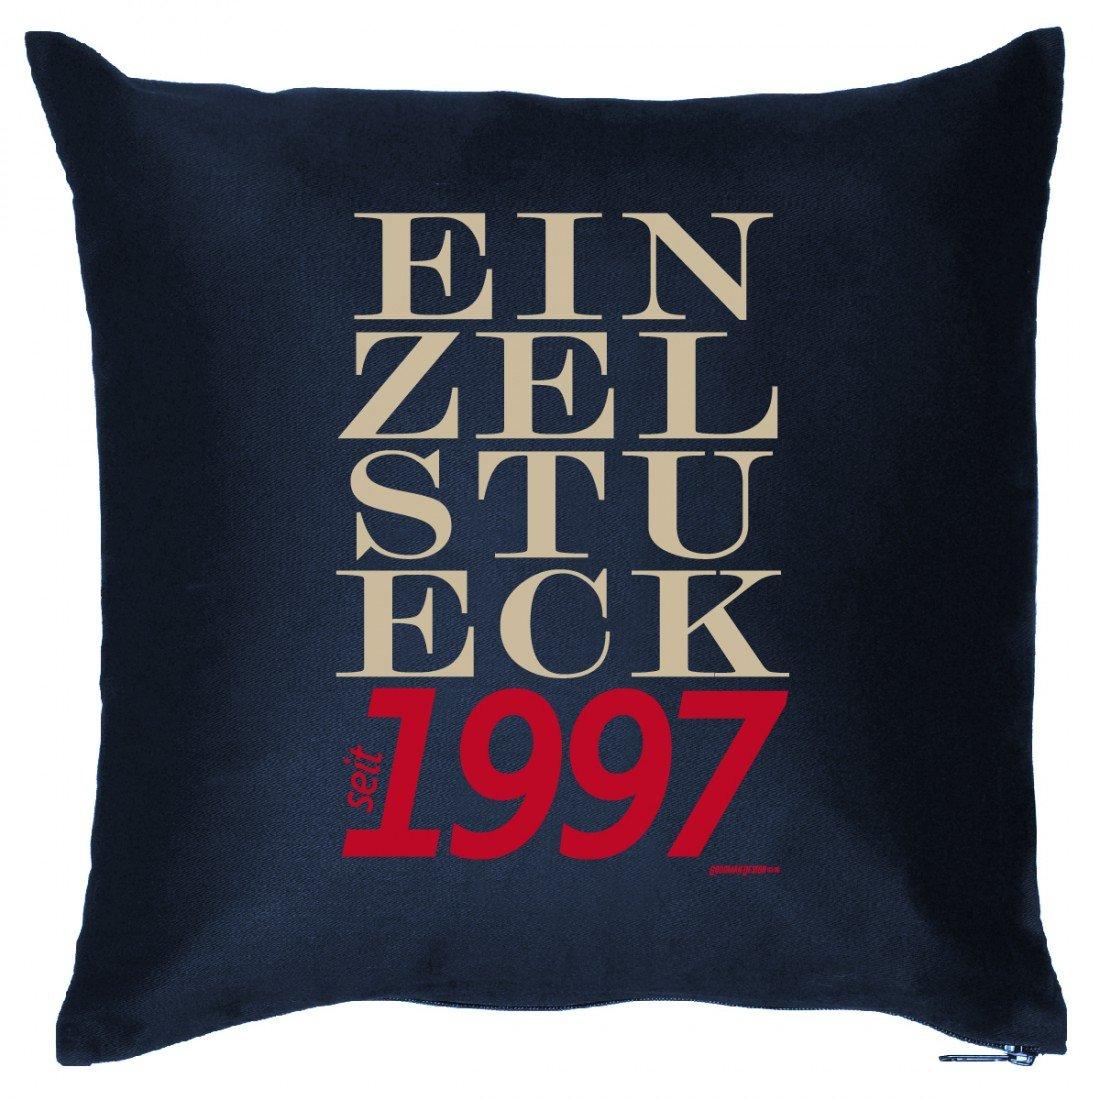 Couch Kissen mit Jahrgang zum Geburtstag – Einzelstück seit 1997 – Sofakissen Wendekissen mit Spruch und Humor jetzt kaufen